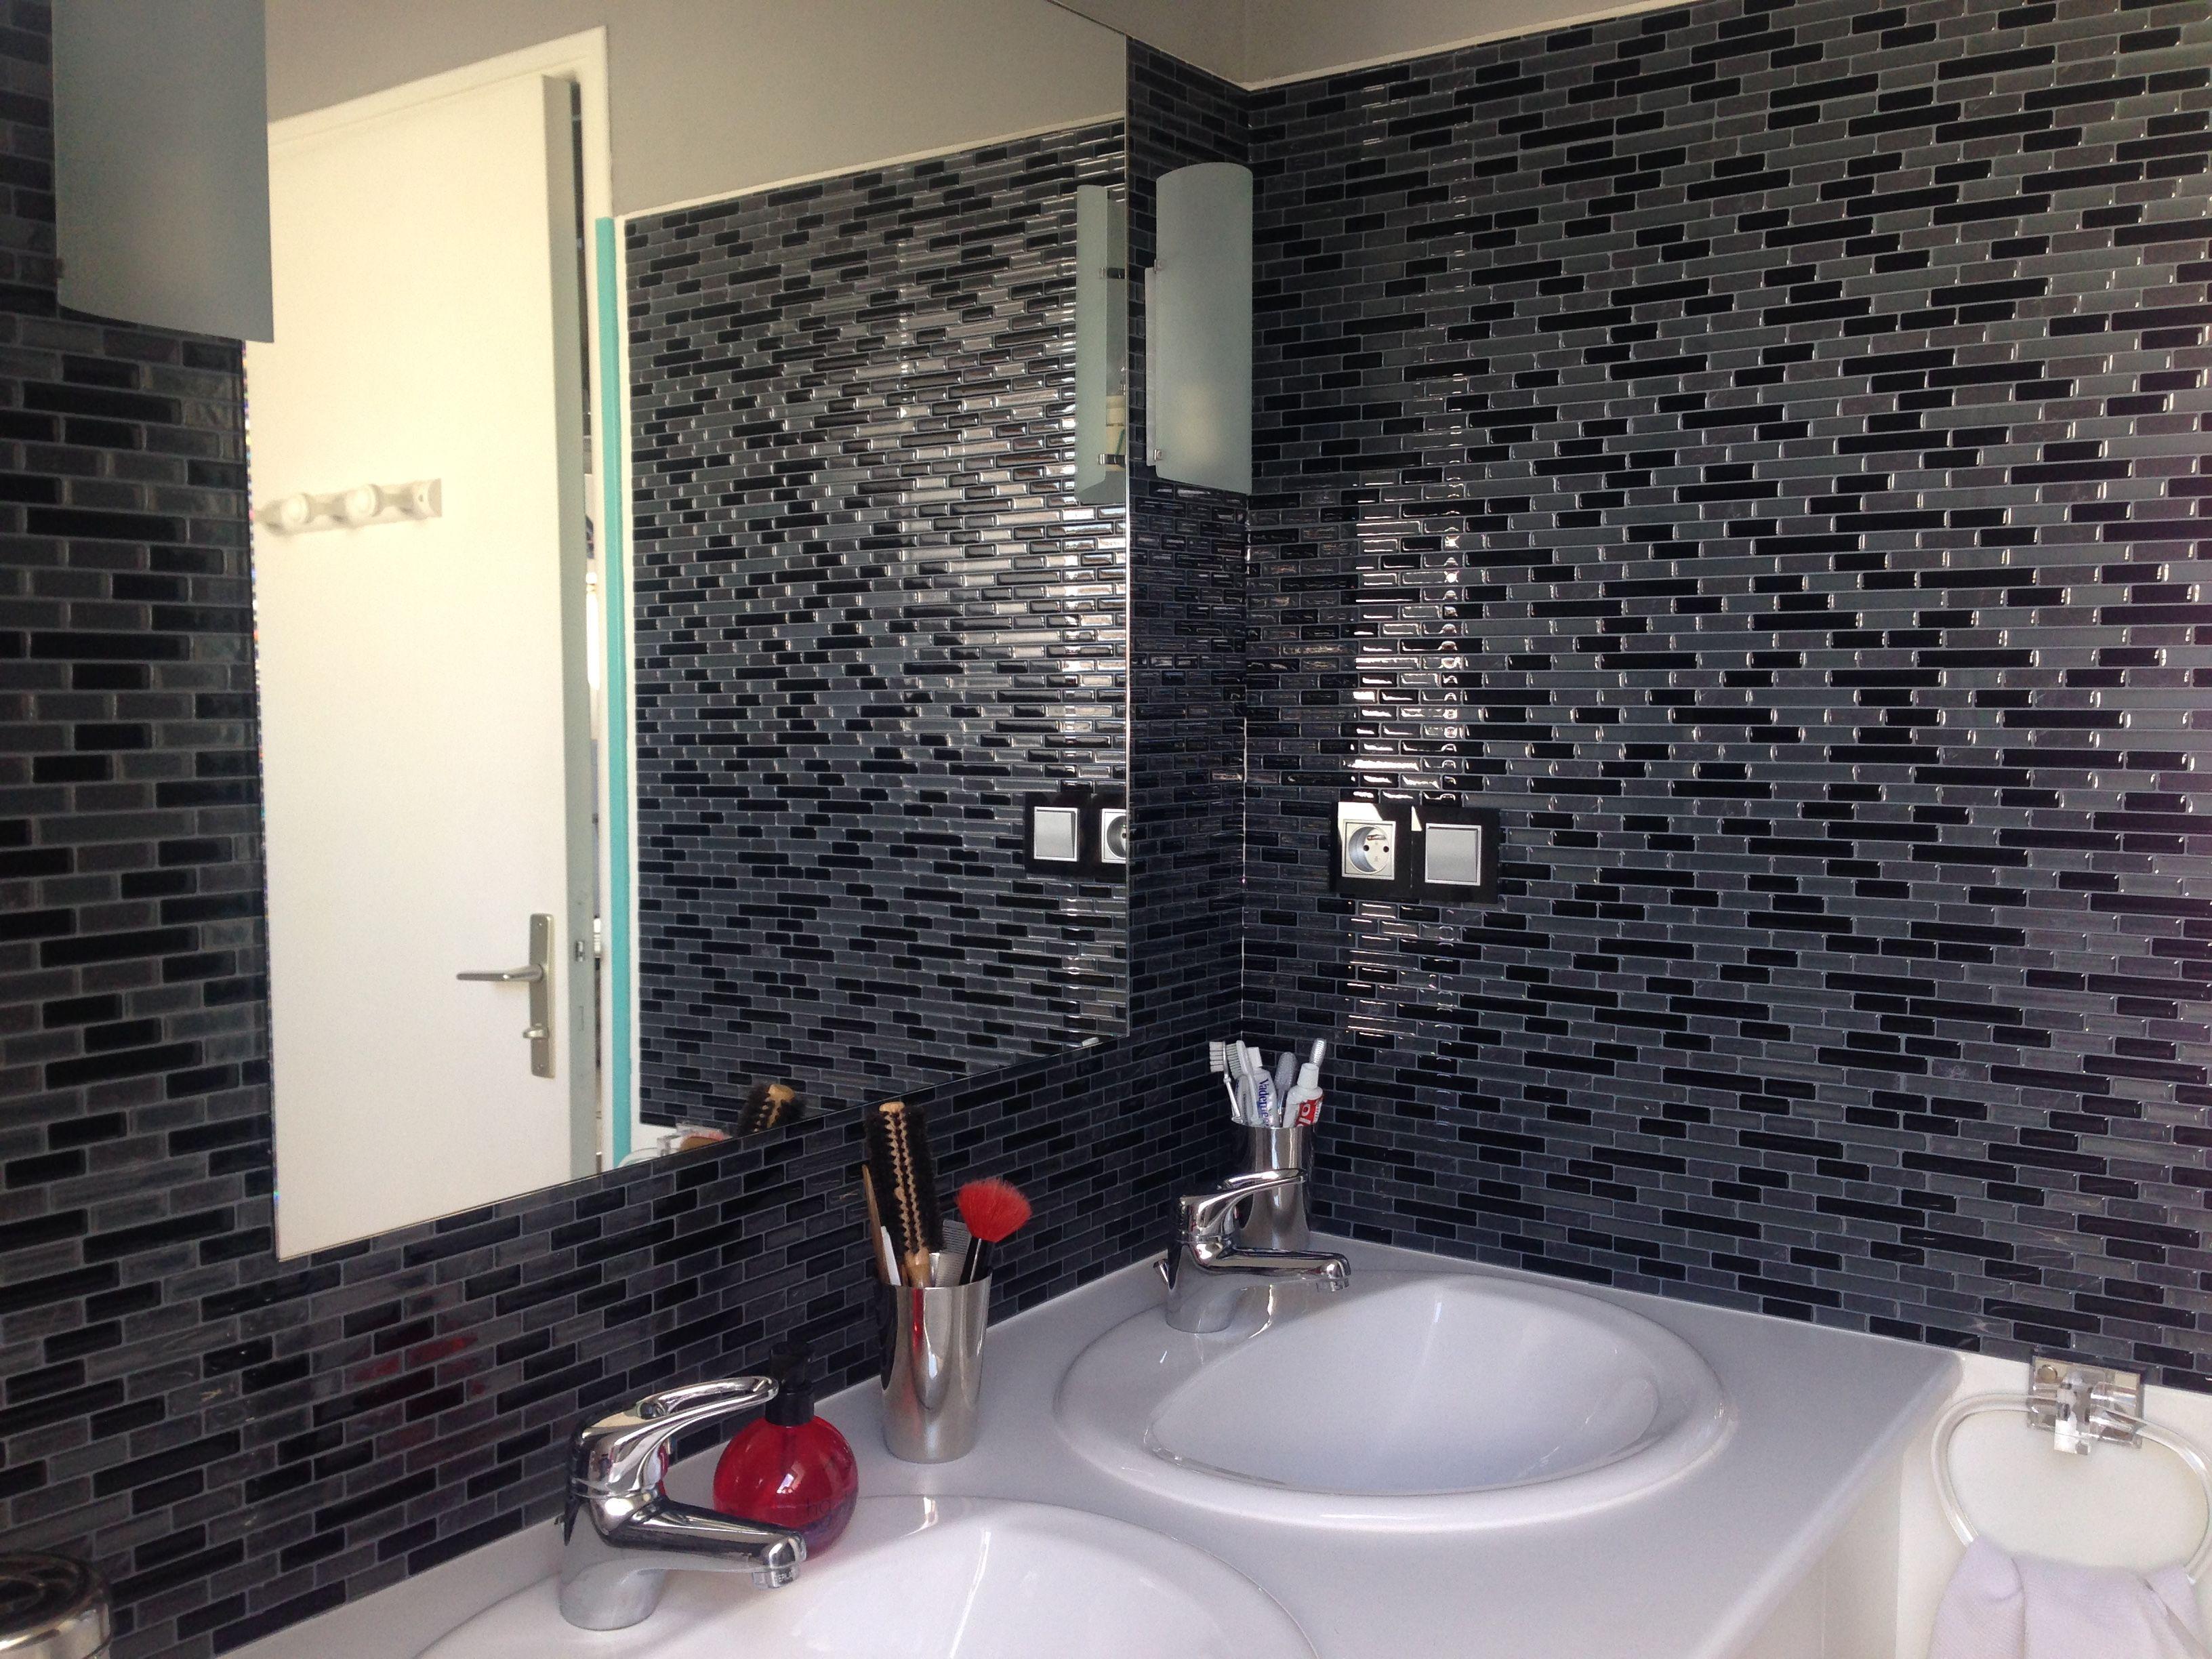 Incroyable La Différence Du Avantaprès Pour Changer Sa Salle De - Changer sa salle de bain